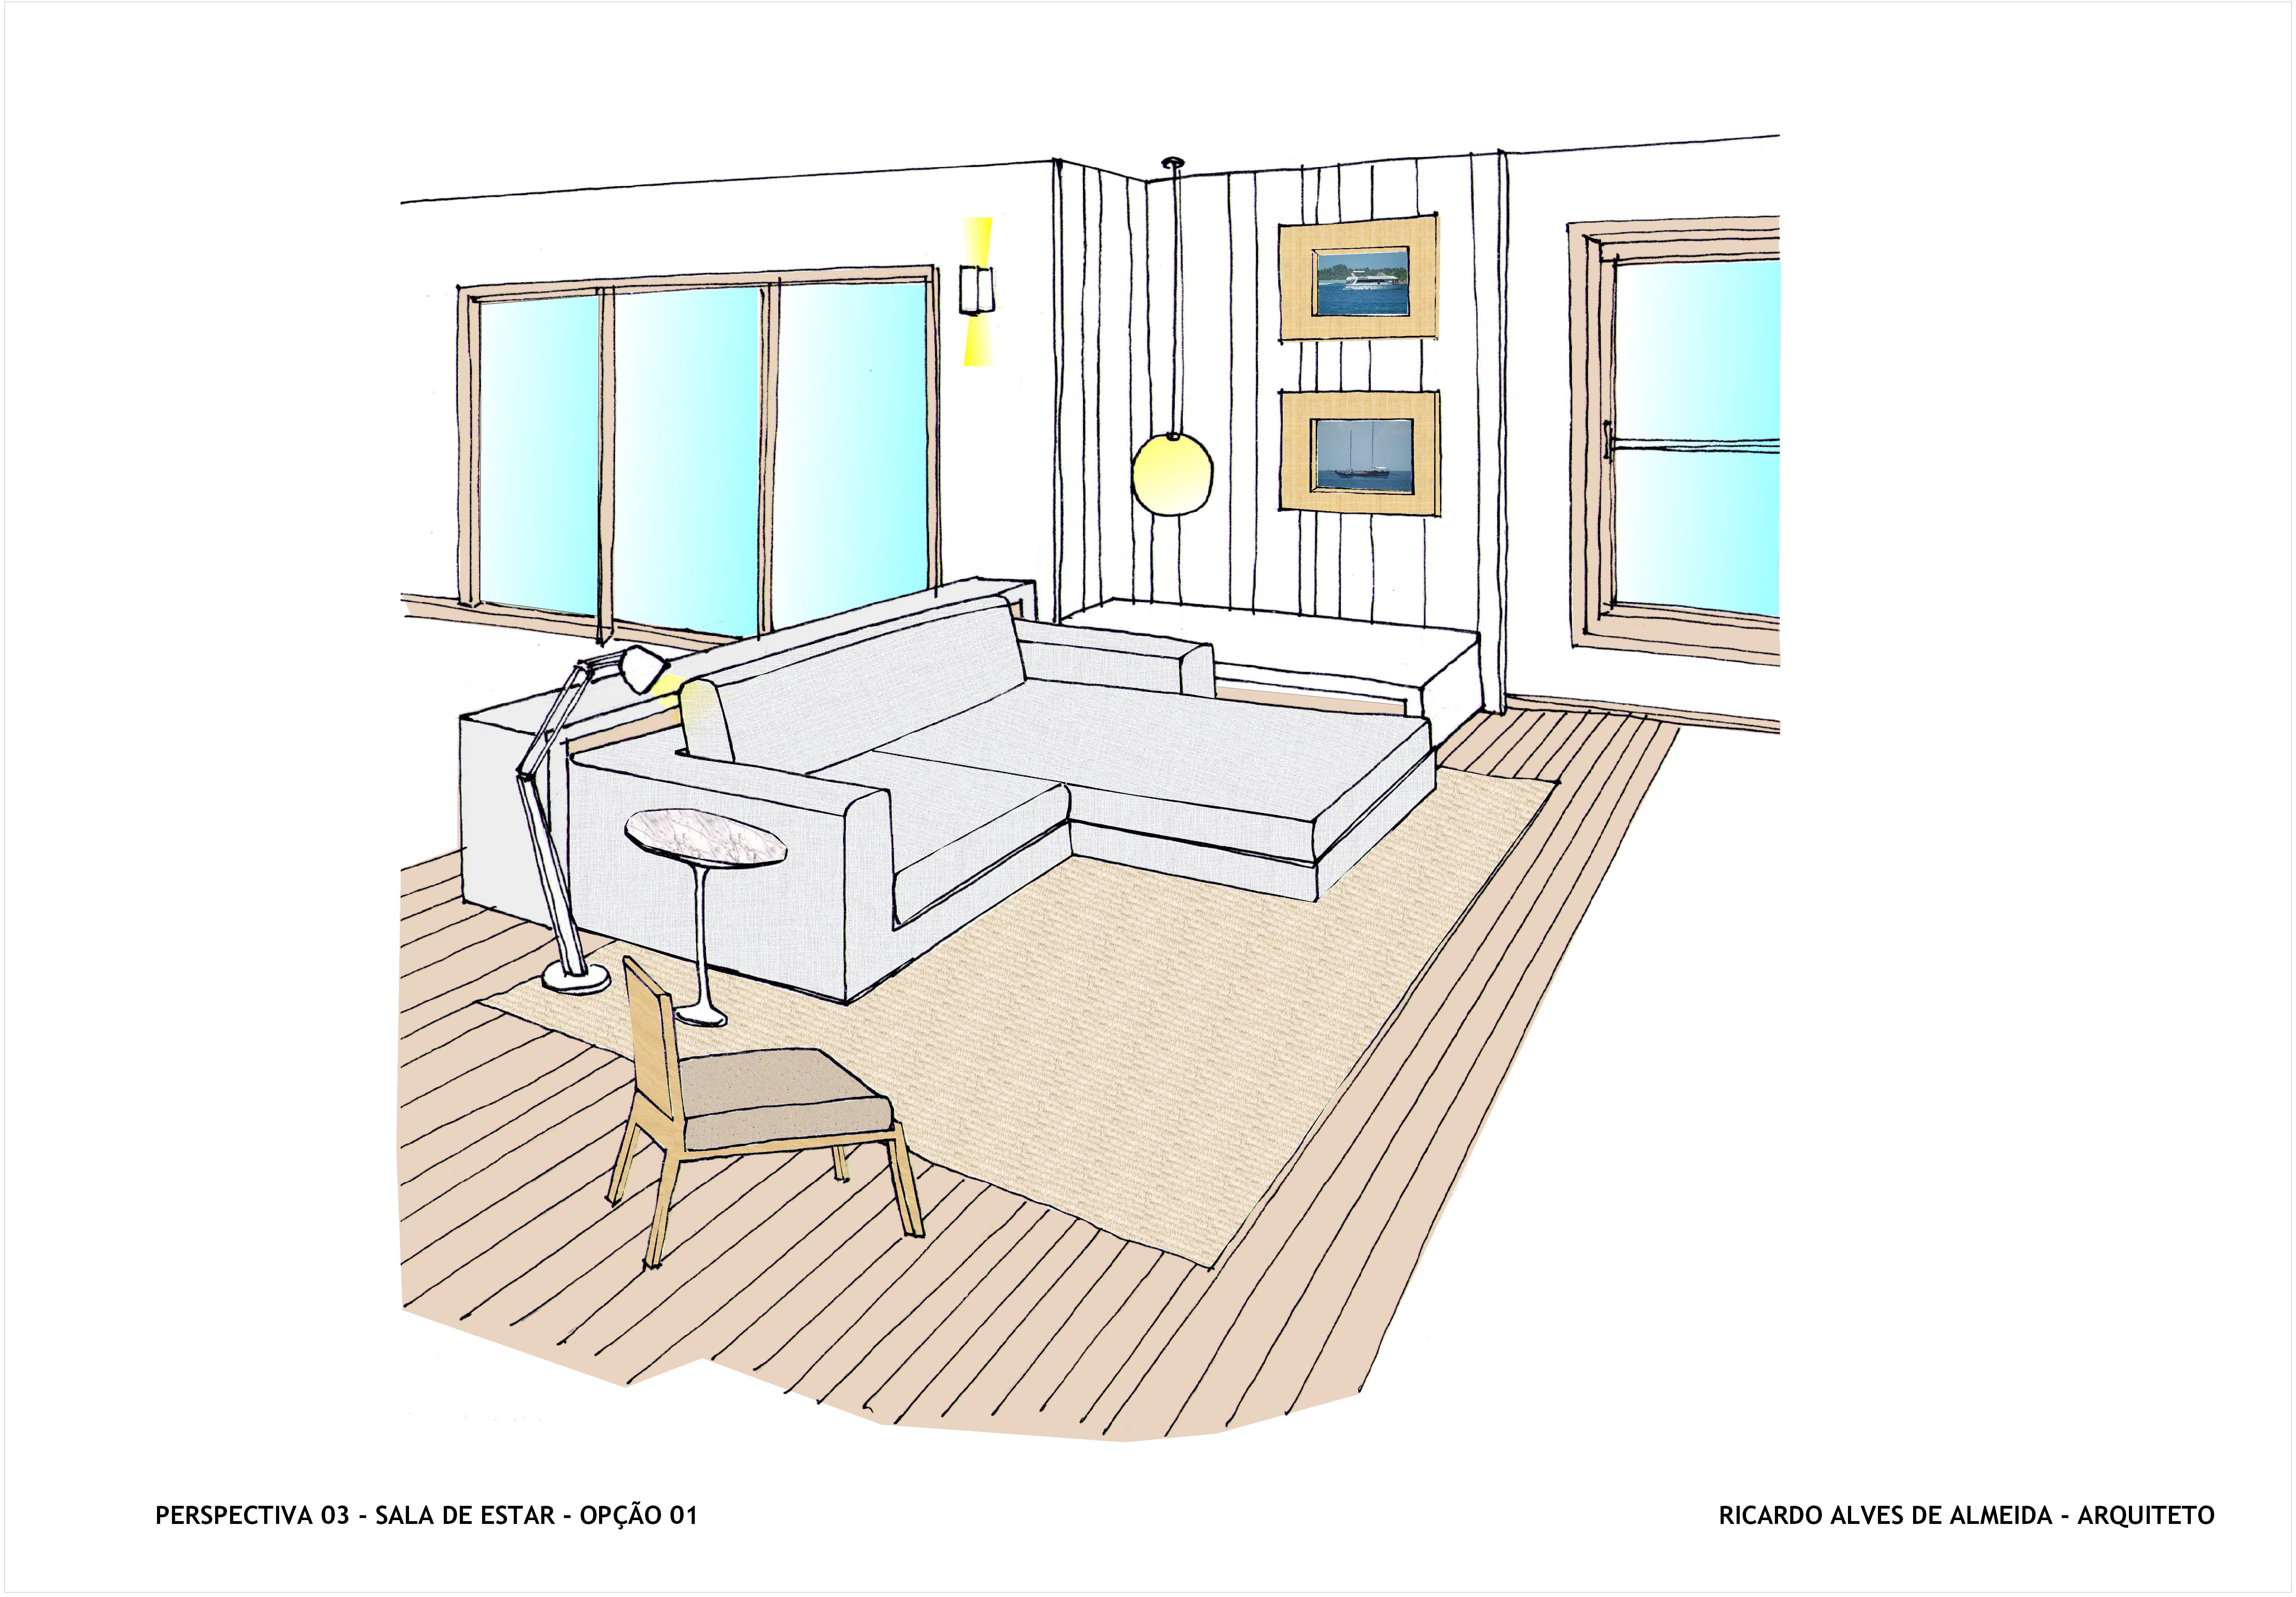 sala de estar - opção 01b